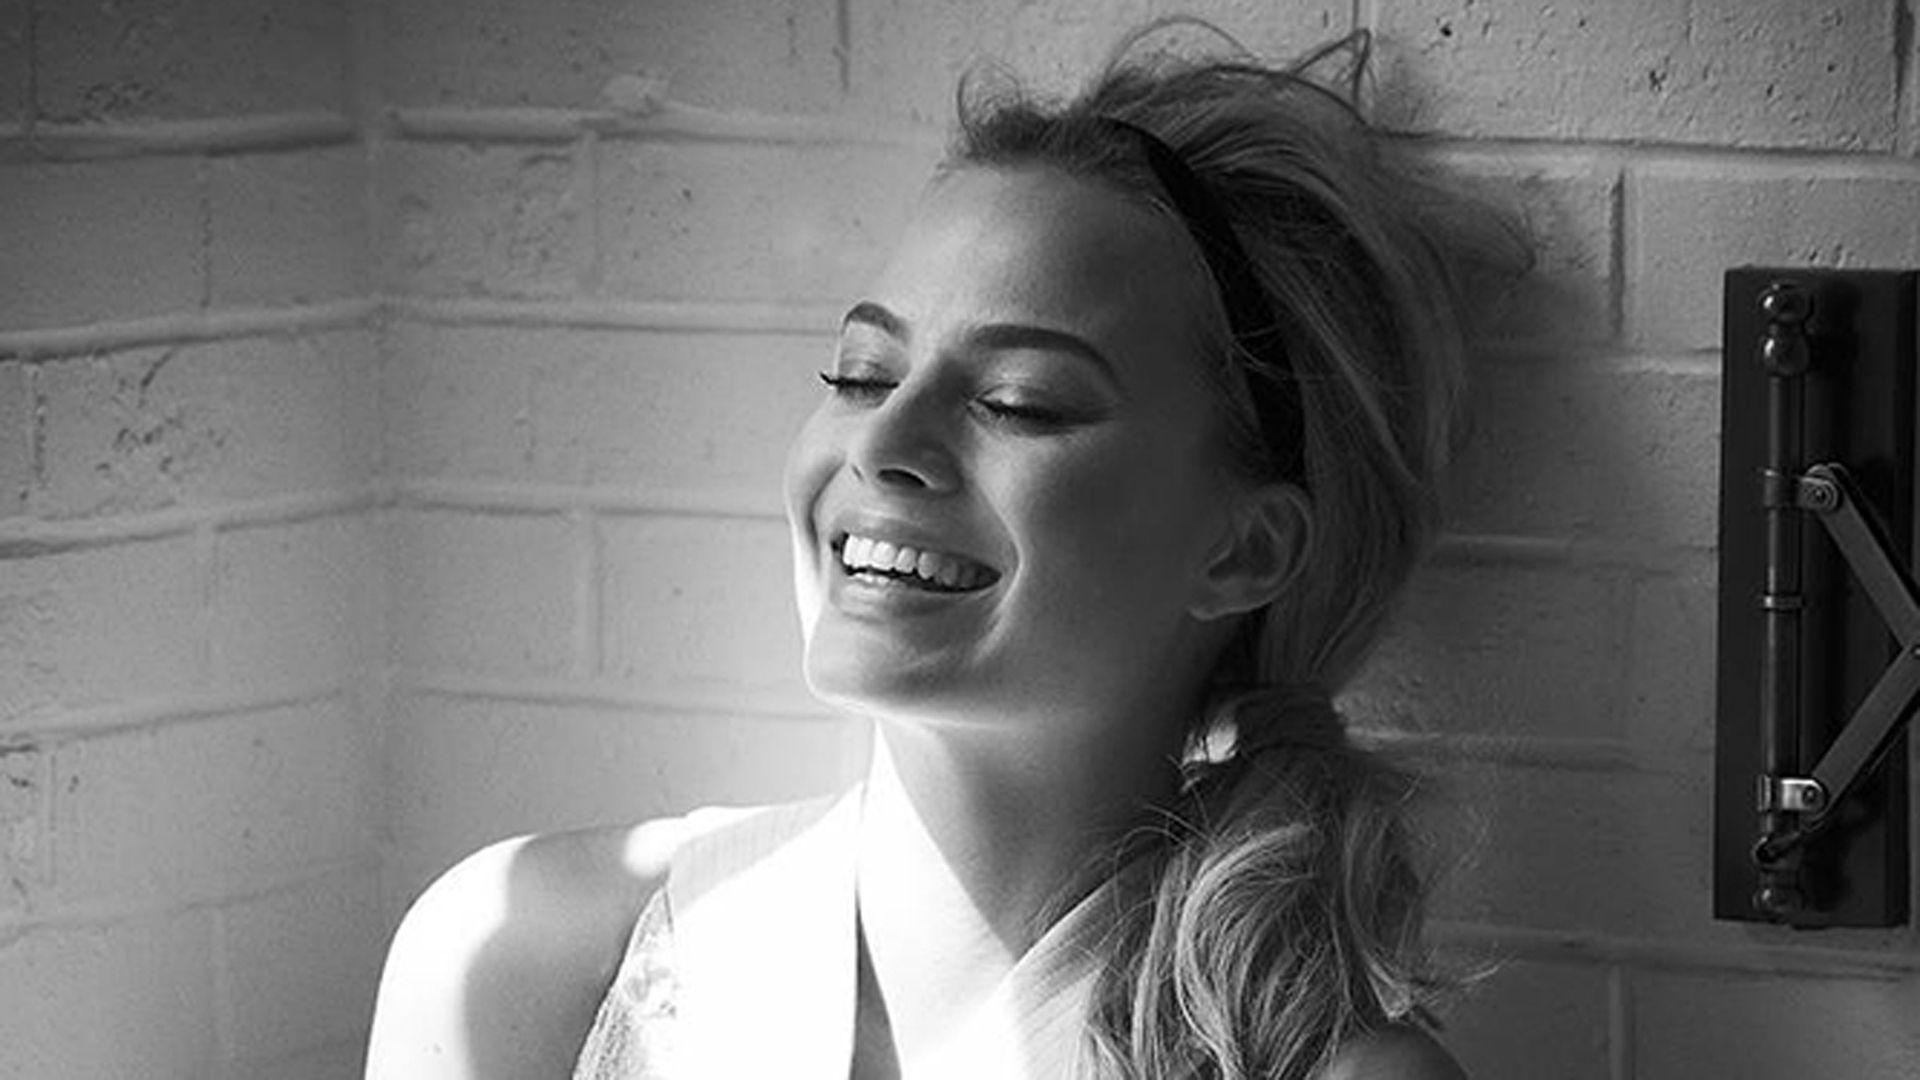 Margot Robbie Wallpaper